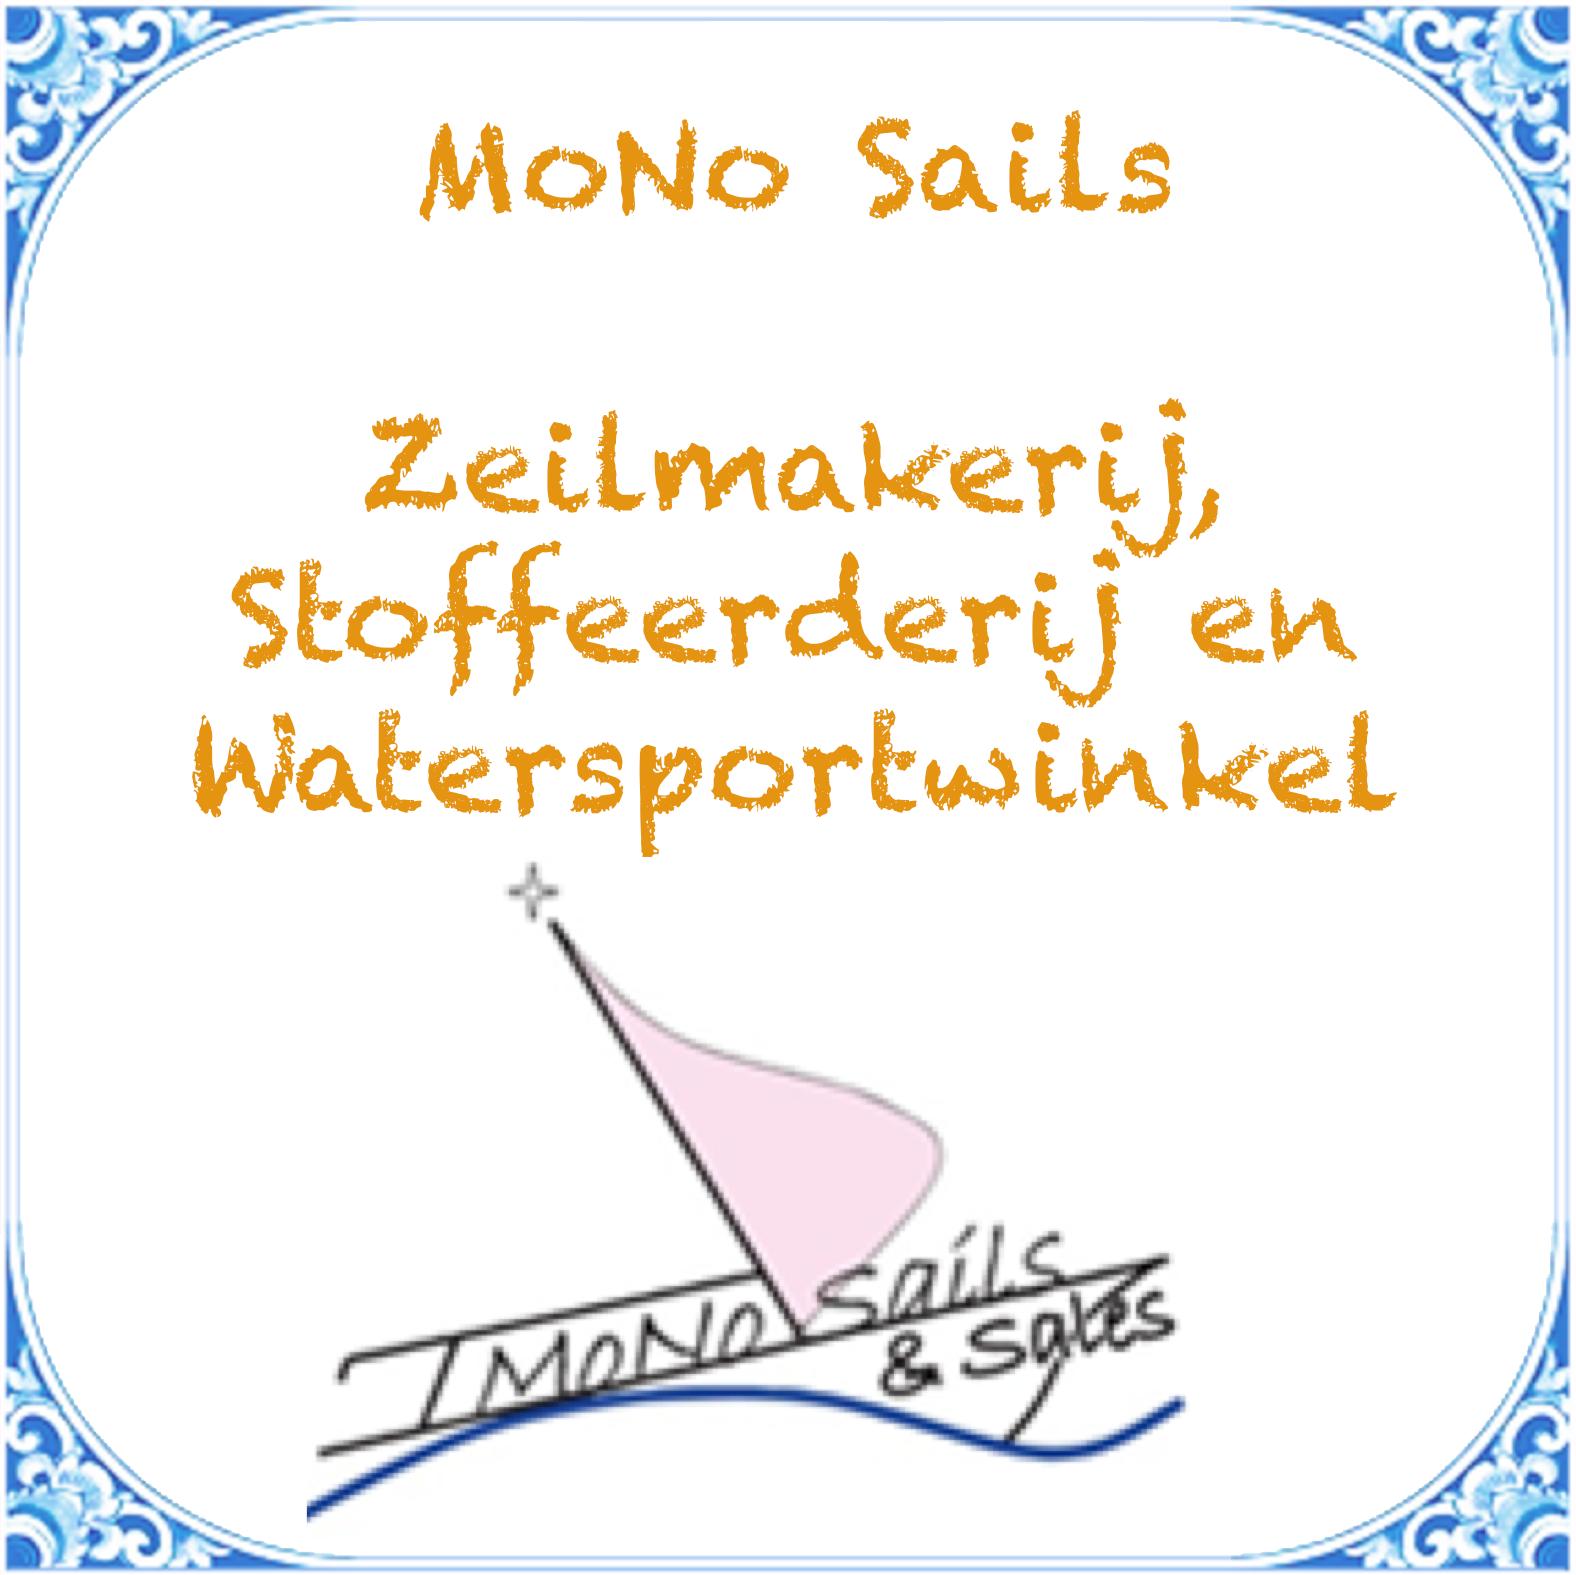 Monosails